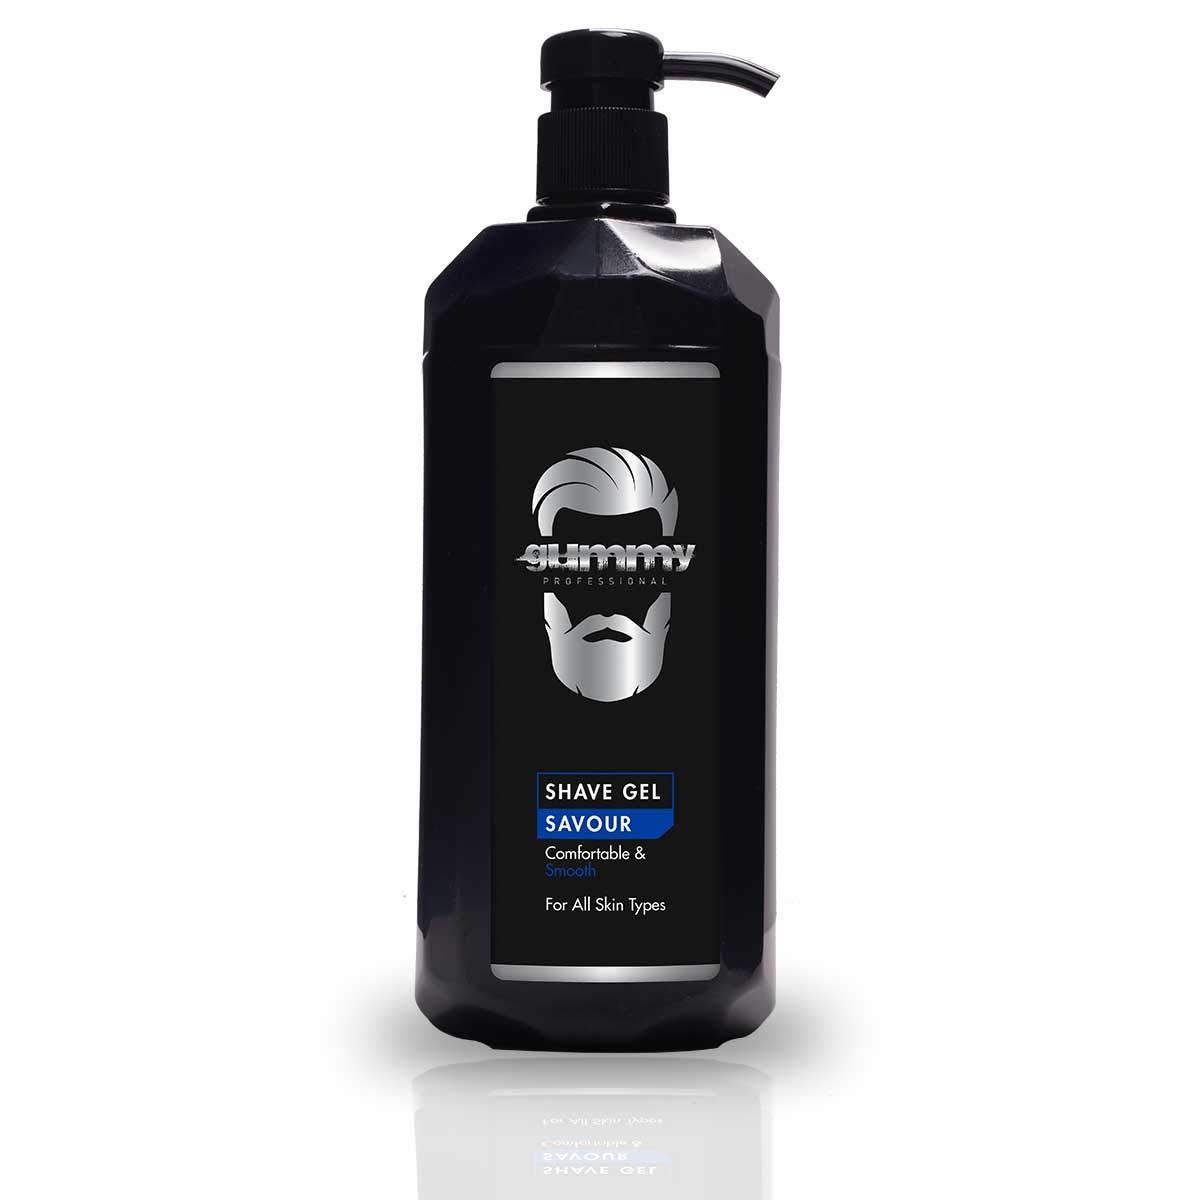 Gummy Outlet SALE Shave Gel oz Indefinitely 35.3 Savour